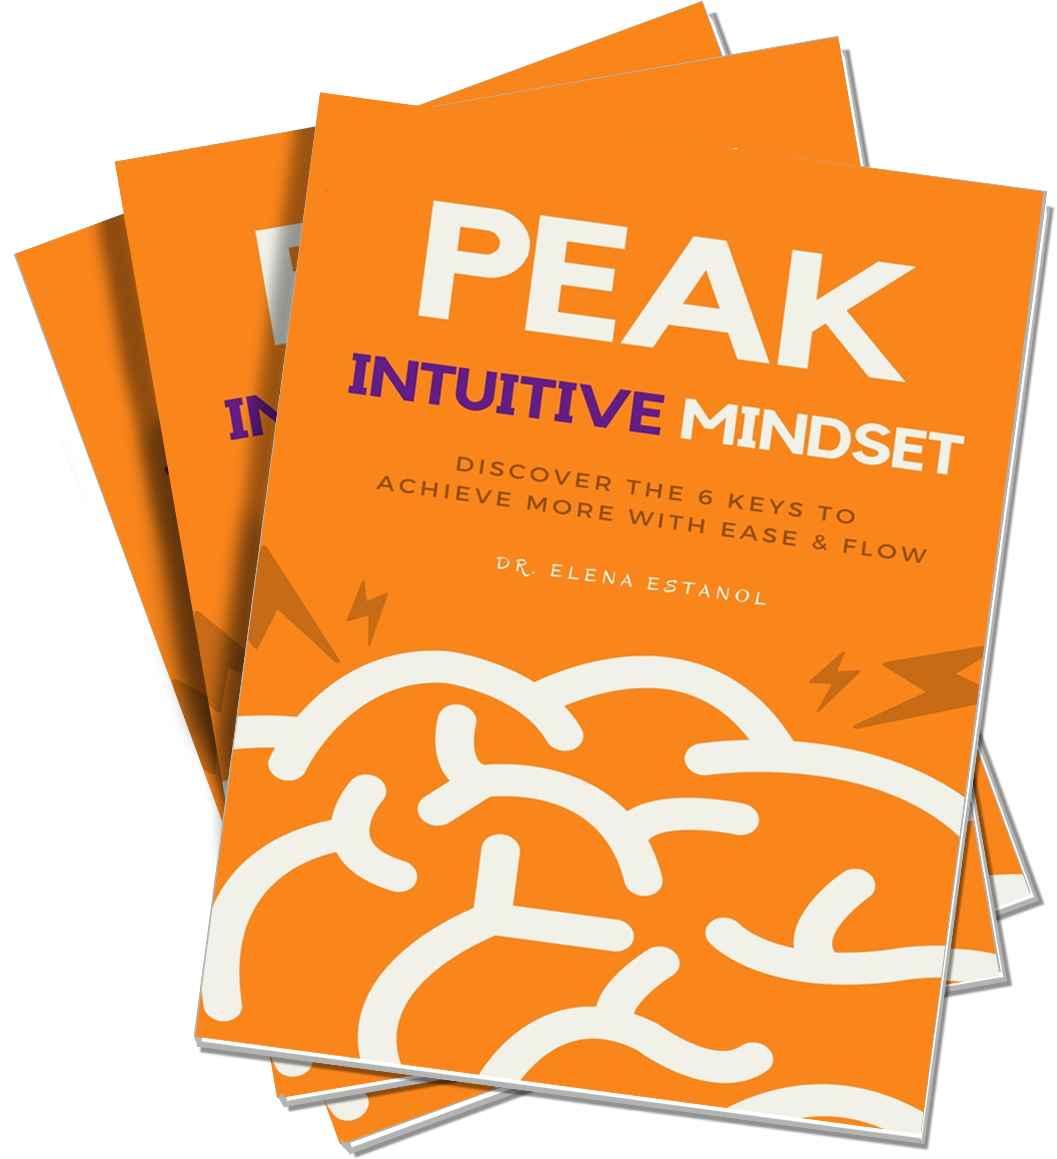 Peak Intuitive Mindset Magazine.jpg